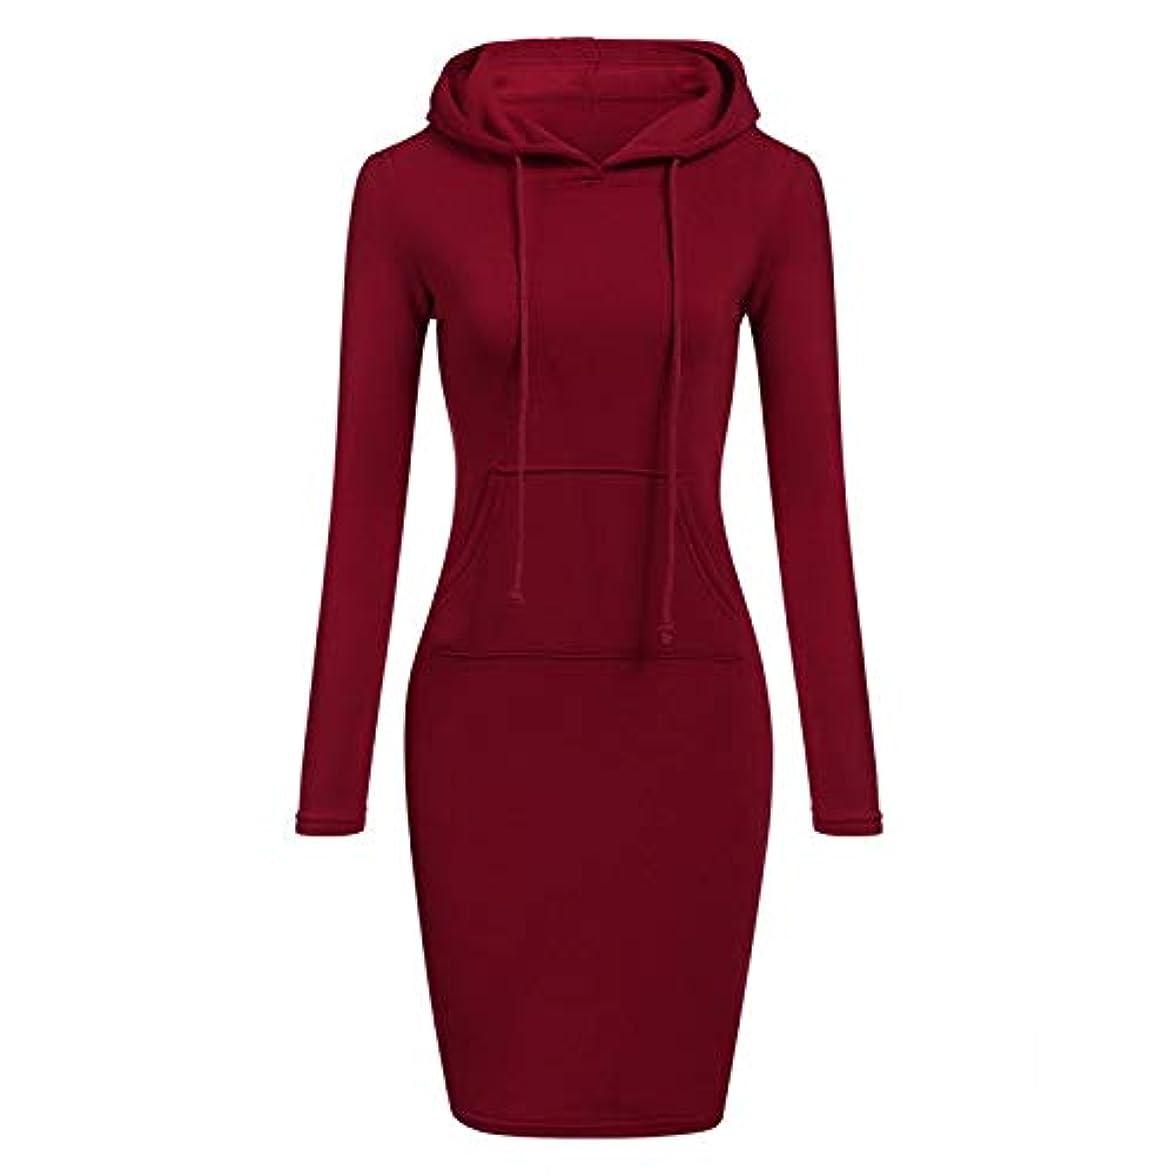 入り口ブラシうまくやる()Maxcrestas - ファッションフード付き巾着フリースの女性のドレス秋冬はドレス女性Vestidosパーカースウェットシャツドレスを温めます